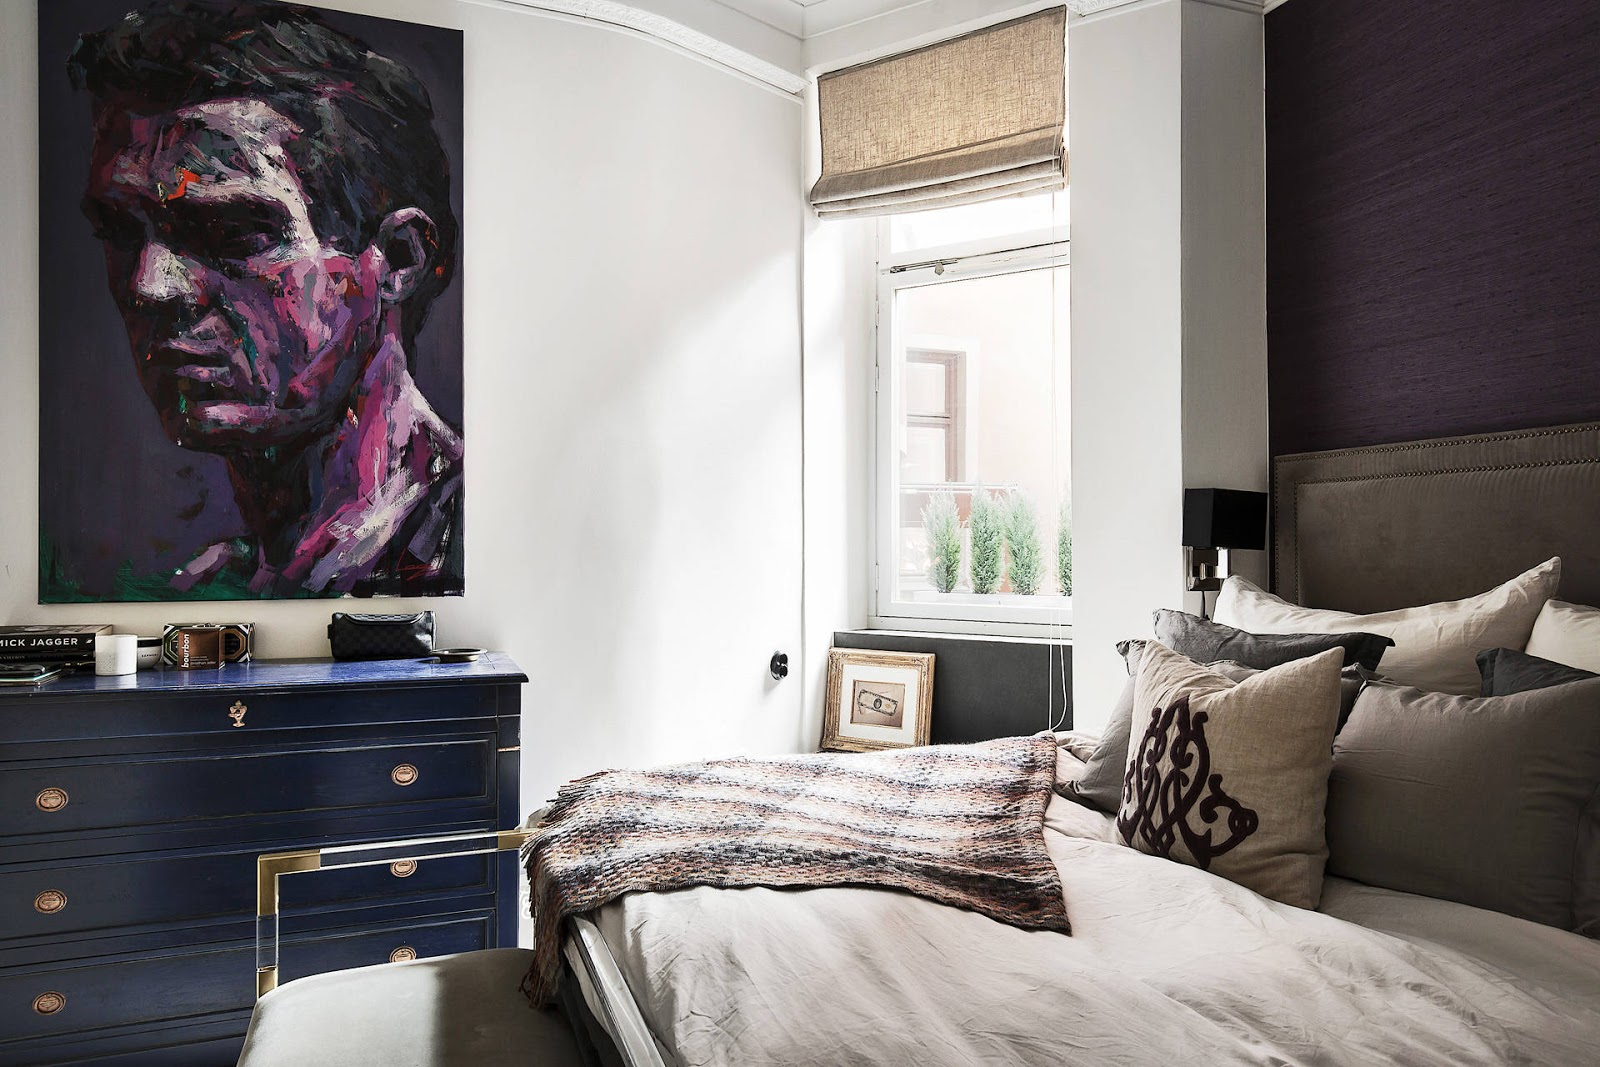 Accente vintage și bucătărie până în tavan într-un apartament de 73 m² 8.jpg